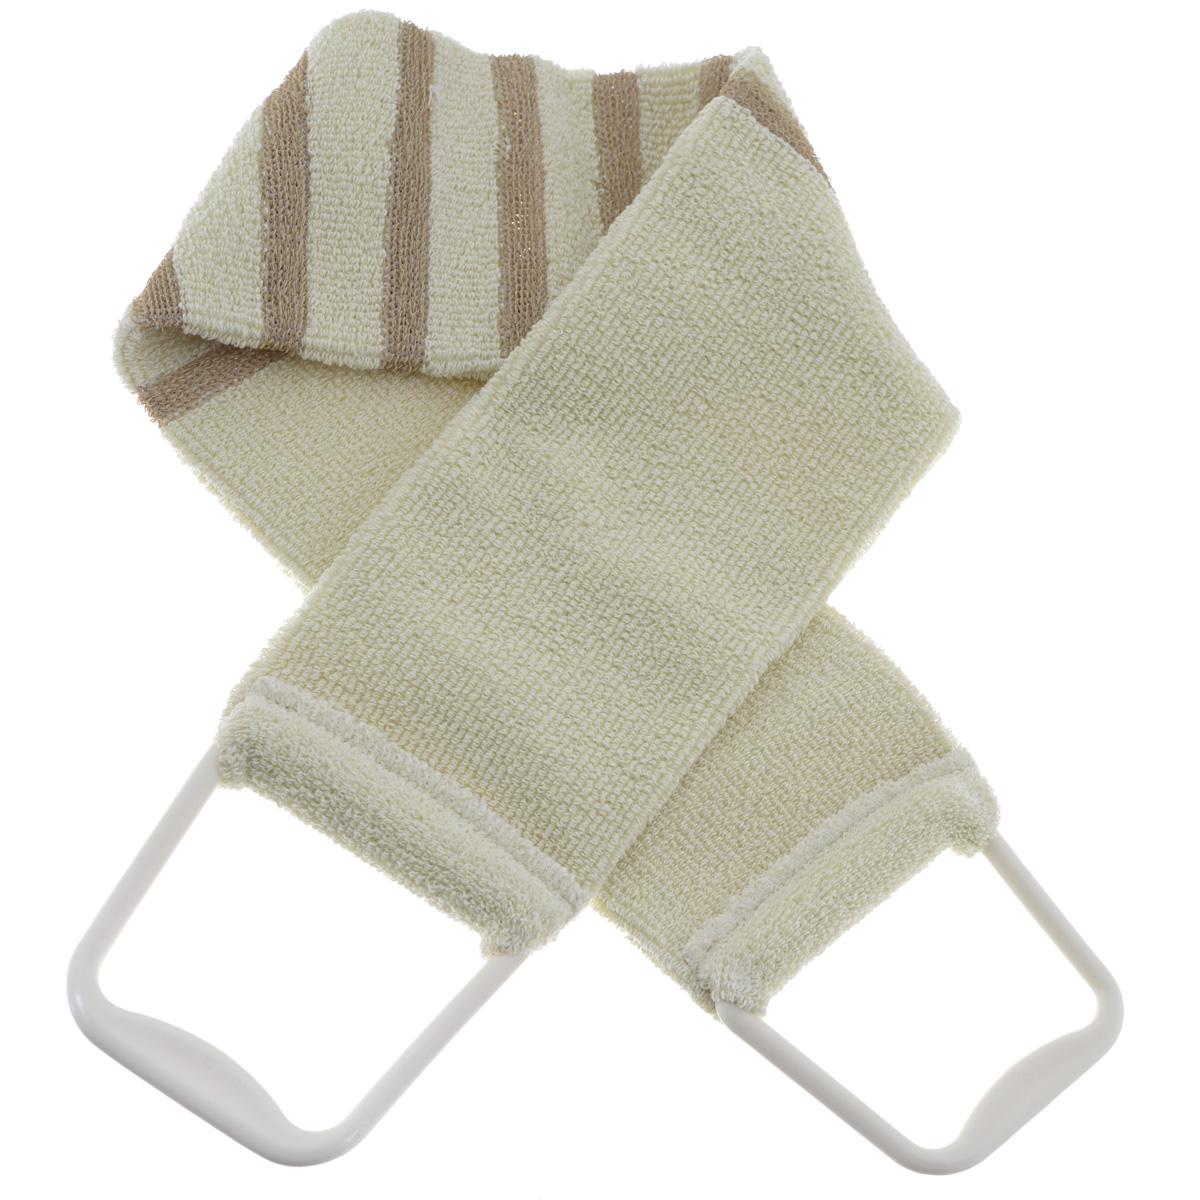 Мочалка 426, цвет: бежевый426 бежевыйМочалка-пояс Riffi применяется для мытья тела, обладает активным пилинговым действием,тонизируя, массируя и эффективно очищая вашу кожу. Мягкая хлопковая мочалка-пояс хорошонамыливает тело, а ее цветные полоски из жесткой полиэтиленовой махры эффективно удаляютотмершие чешуйки кожи, производя одновременно с пилингом и легкий массаж. Для удобстваприменения пояс снабжен двумя пластиковыми ручками. Благодаря отшелушивающемуэффекту мочалки-пояса, кожа освобождается от отмерших клеток, становится гладкой, упругой исвежей. Интенсивный и пощипывающе свежий массаж тела с применением Riffi стимулируеткровообращение, активирует кровоснабжение, способствует обмену веществ, что в свою очередьпозволяет себя чувствовать бодрым и отдохнувшим после принятия душа или ванны. Riffiрегенерирует кожу, делает ее приятно нежной, мягкой и лучше готовой к принятию косметическихсредств. Приносит приятное расслабление всему организму. Борется со спазмами и болями вмышцах, предупреждает образование целлюлита и обеспечивает омолаживающий эффект.Гипоаллергенная.Длина мочалки (с учетом ручек): 90 см. Длина мочалки (без учета ручек): 74,5 см. Ширина мочалки: 11,5 см.